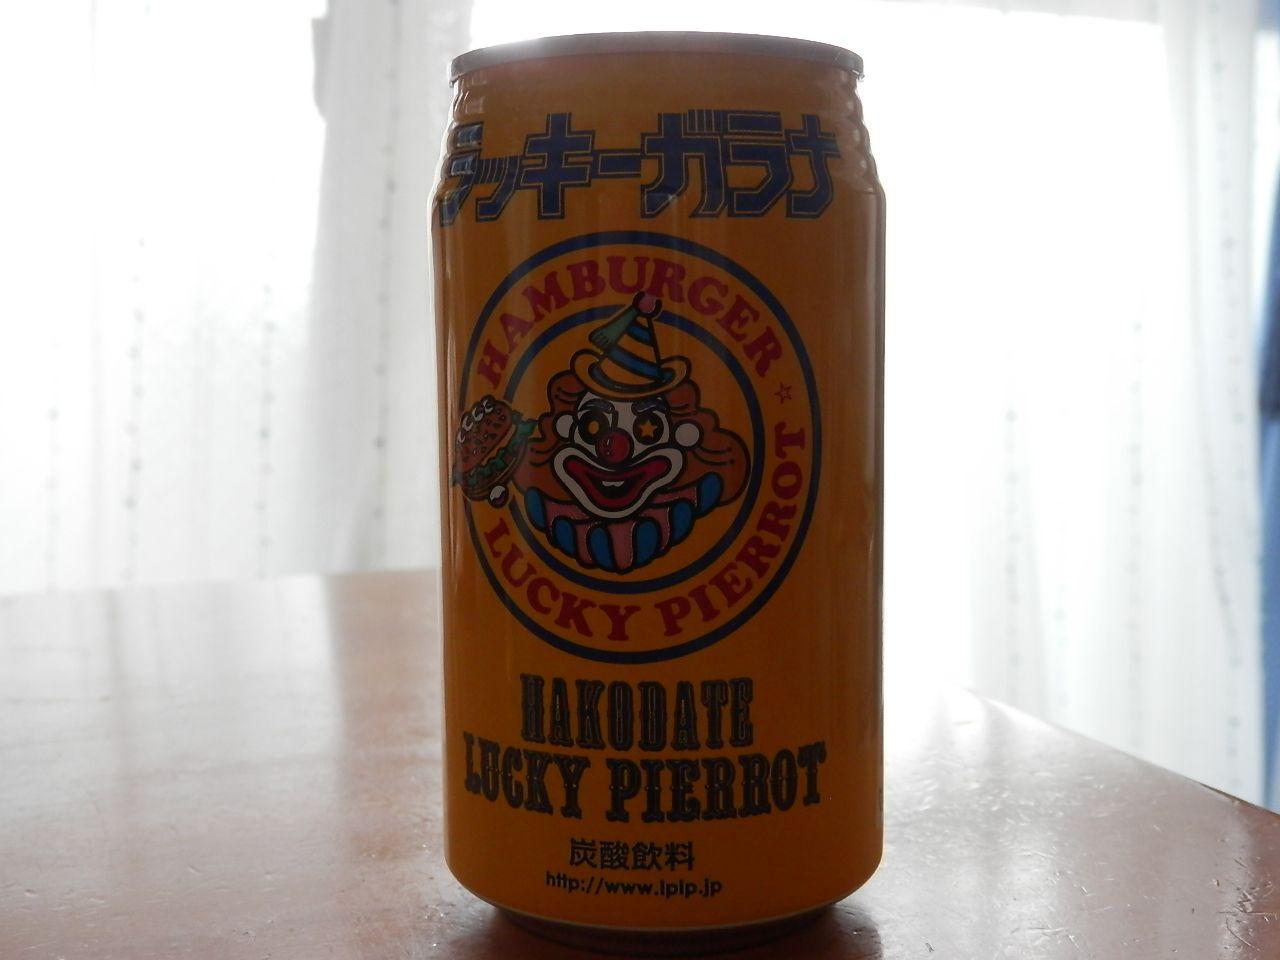 北海道で炭酸飲料といえばガラナ